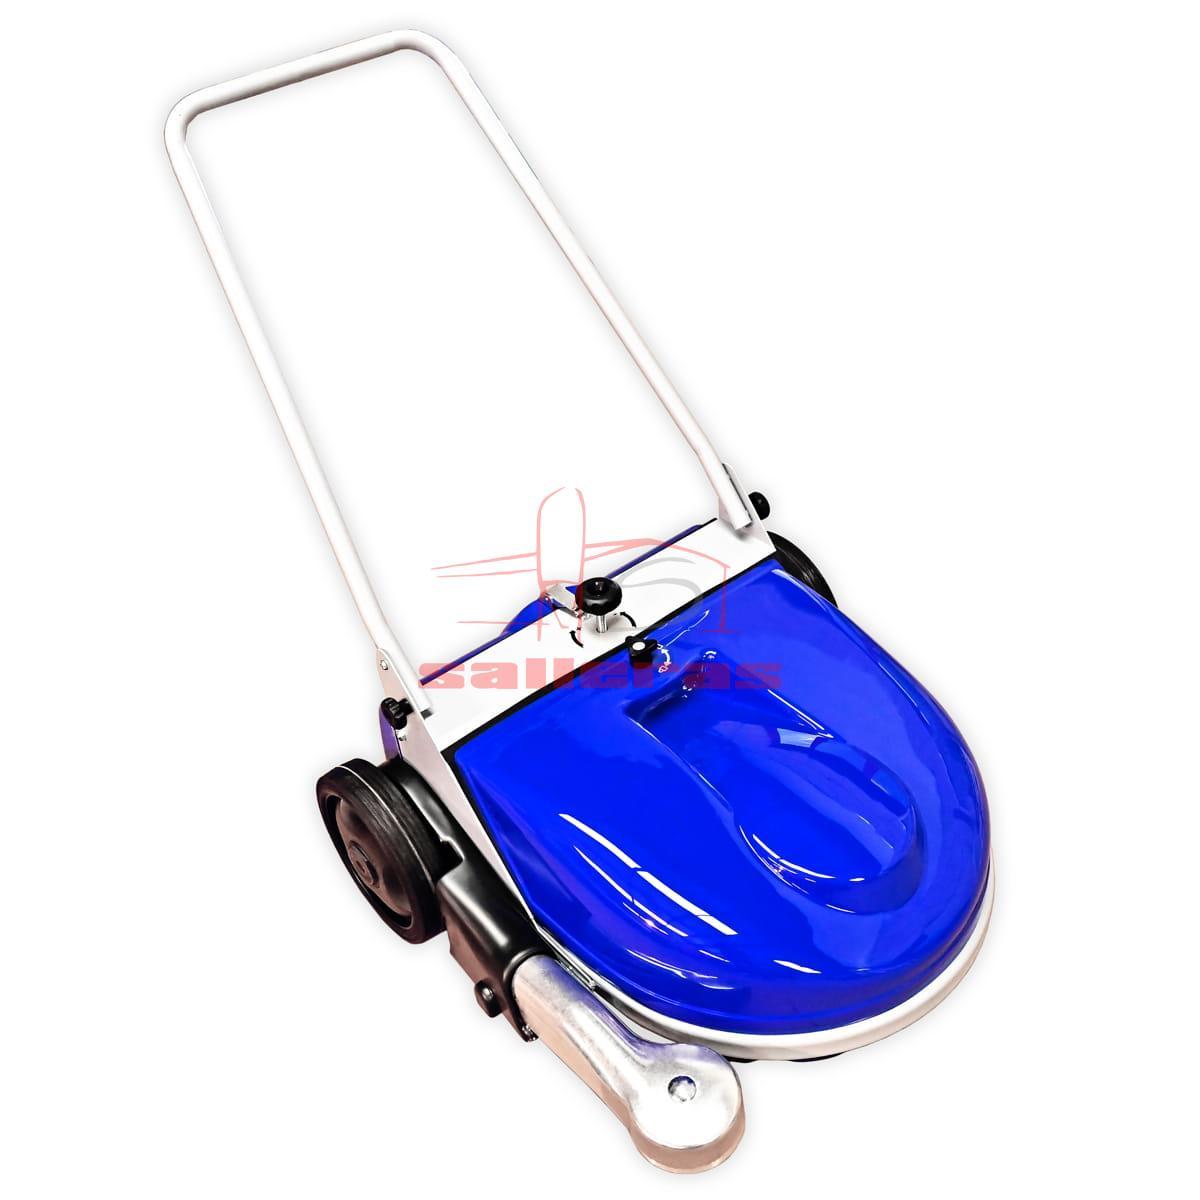 Barredora azul de tipo manual con asa